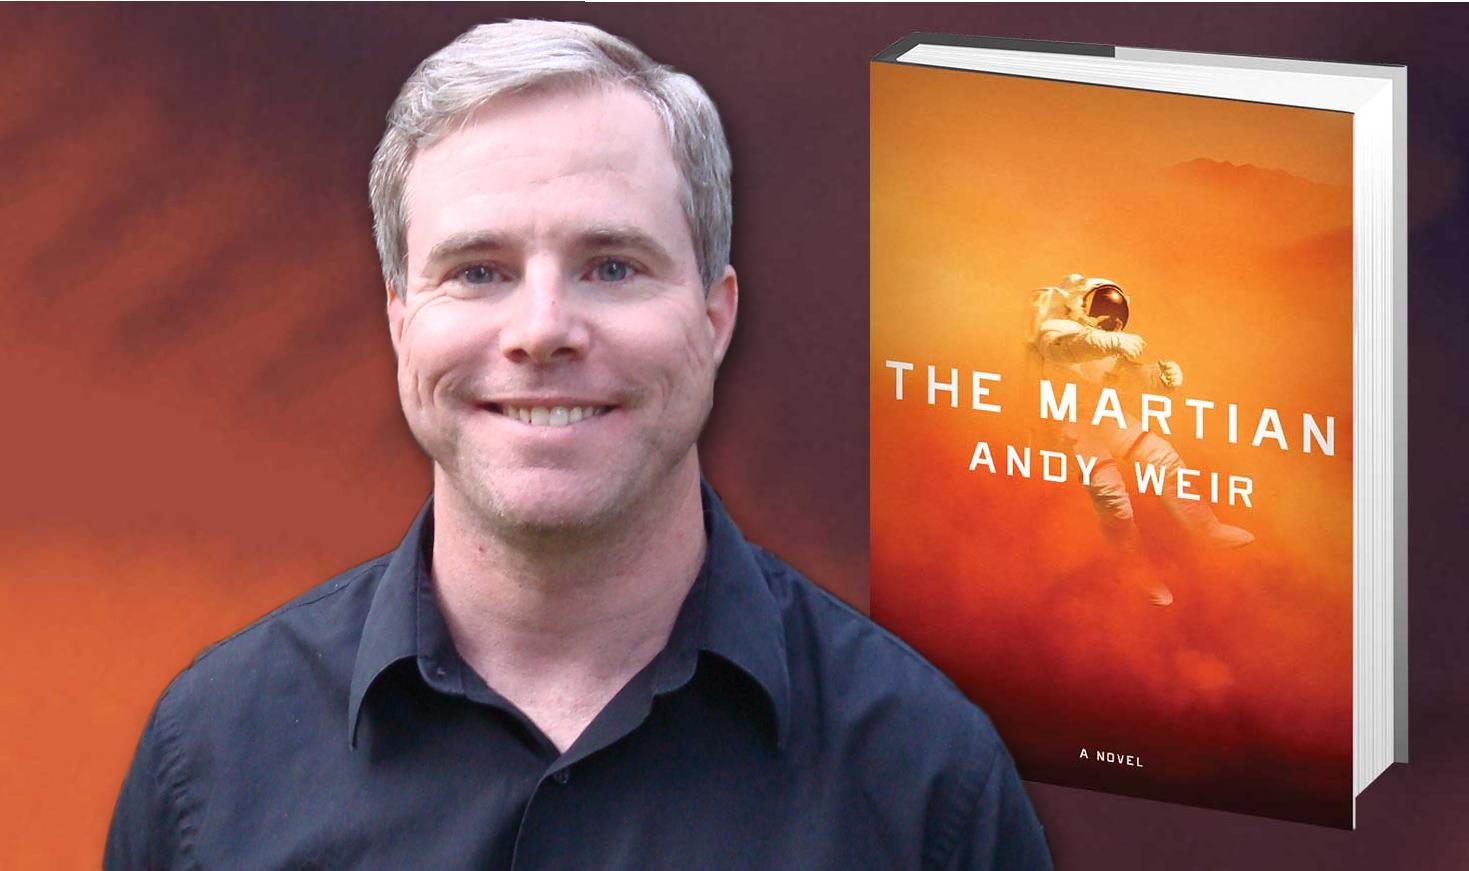 在 NASA 帮助下,这部电影提供了最接近真实的火星生存技巧 | 理想生活实验室 - 为更理想的生活